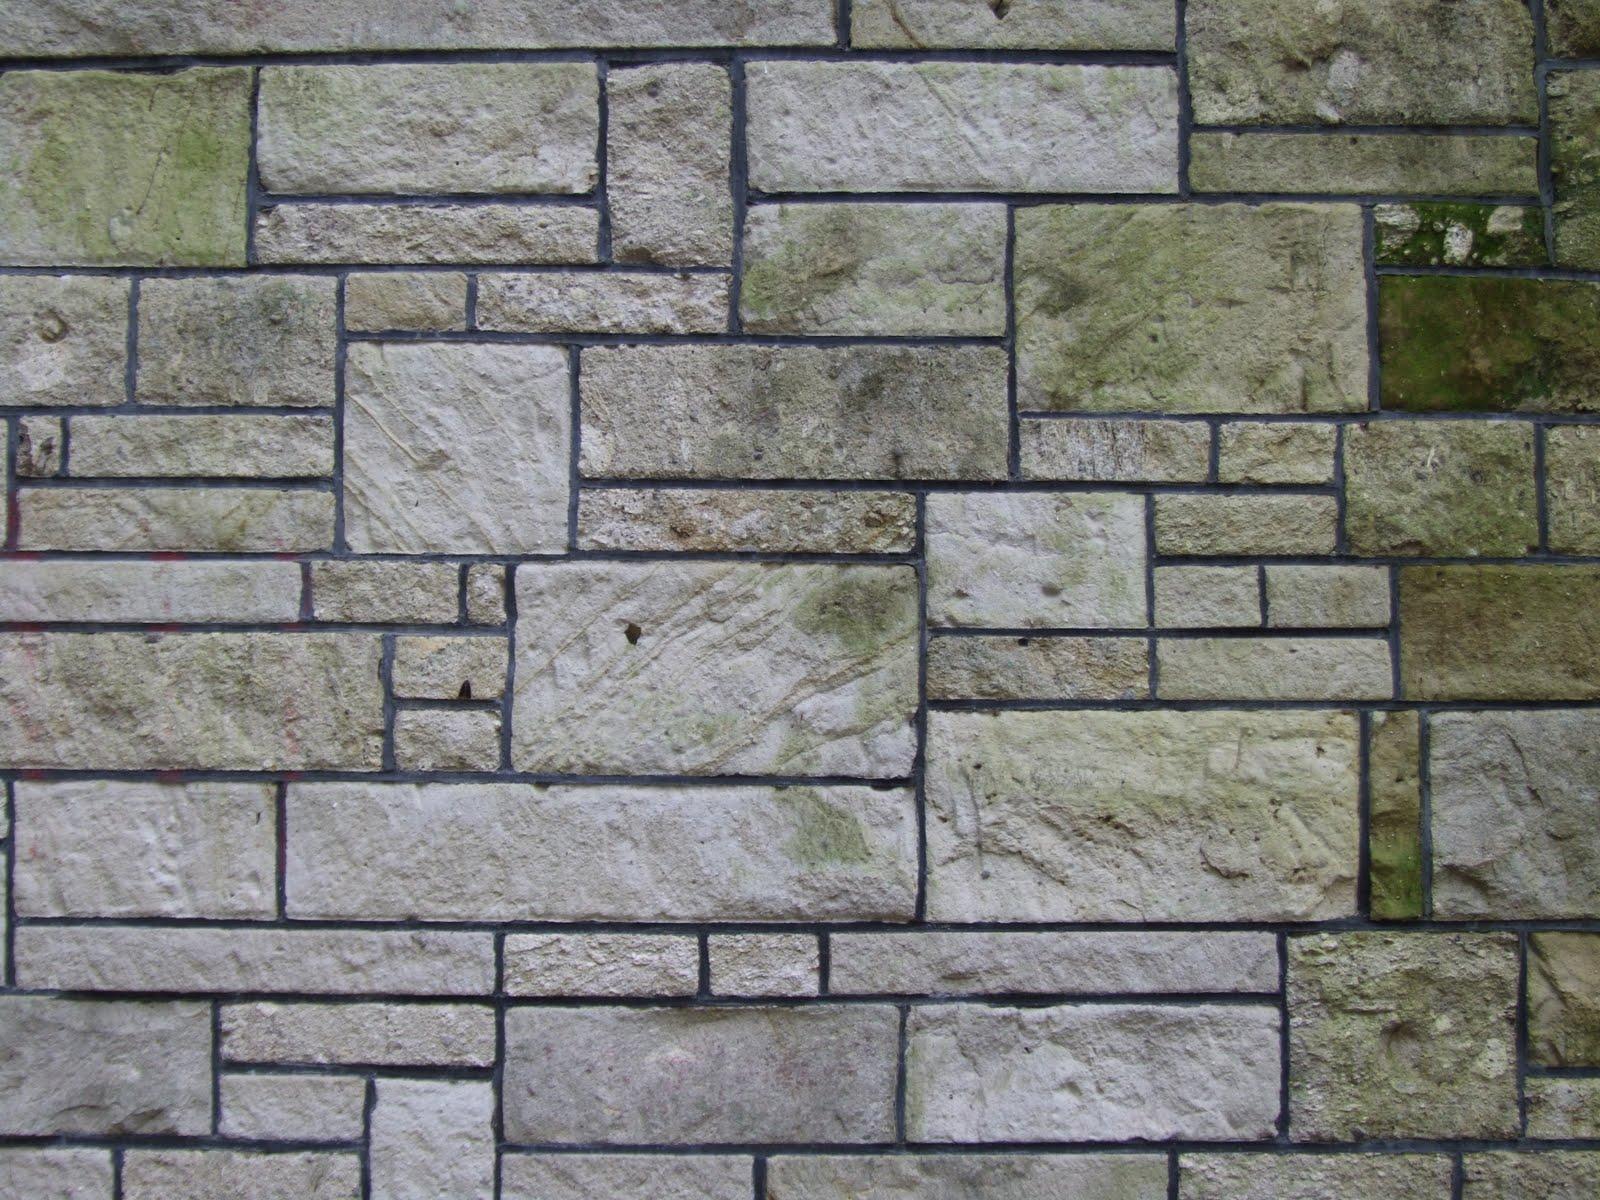 Revista digital apuntes de arquitectura arquitexturas - Lajas para paredes interiores ...